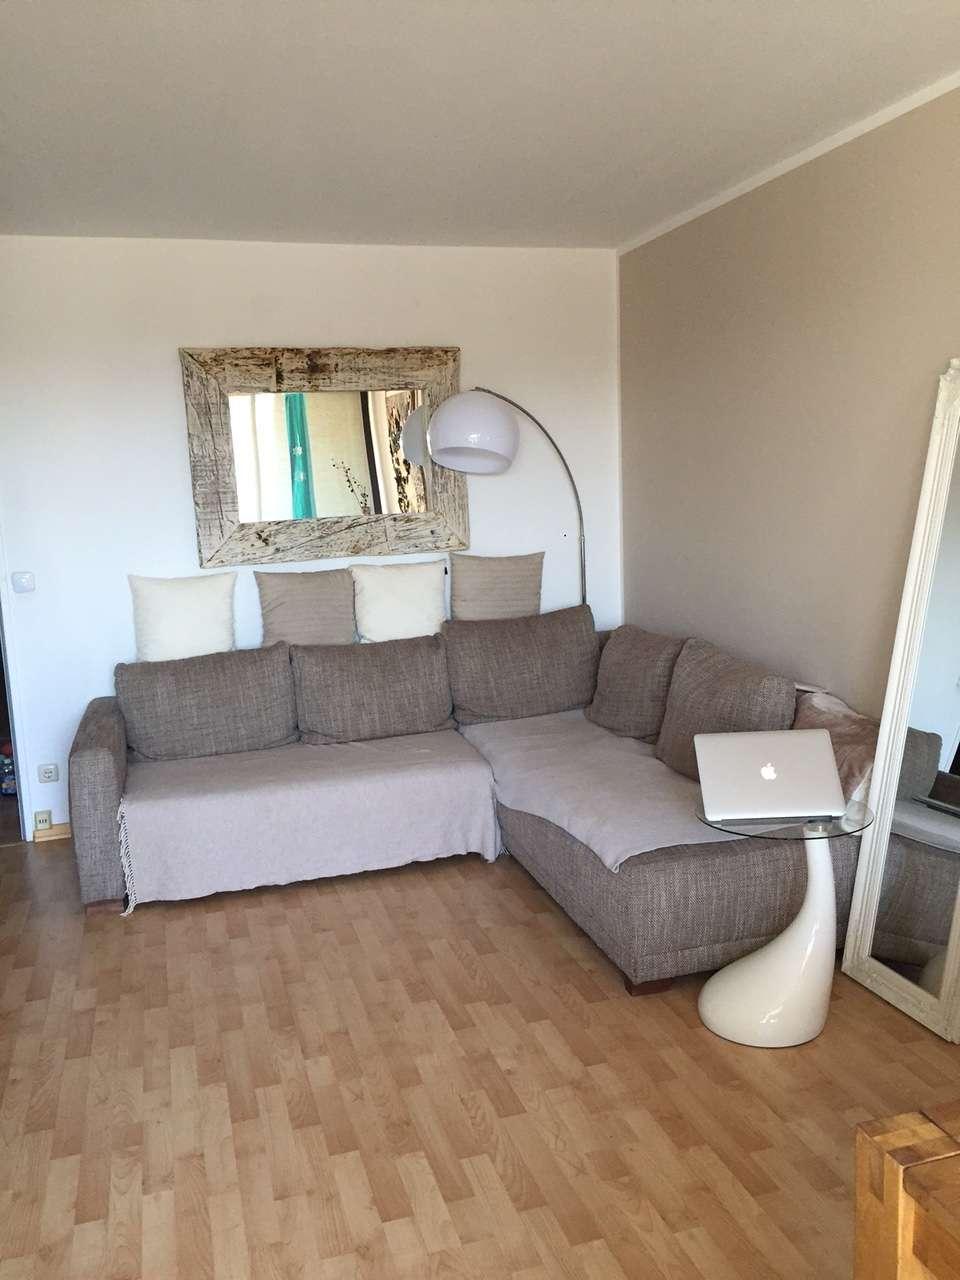 Stilvolle, neuwertige, möbilierte 2-Zimmer-Wohnung mit Balkon und Einbauküche in München Moosach in Neuhausen (München)